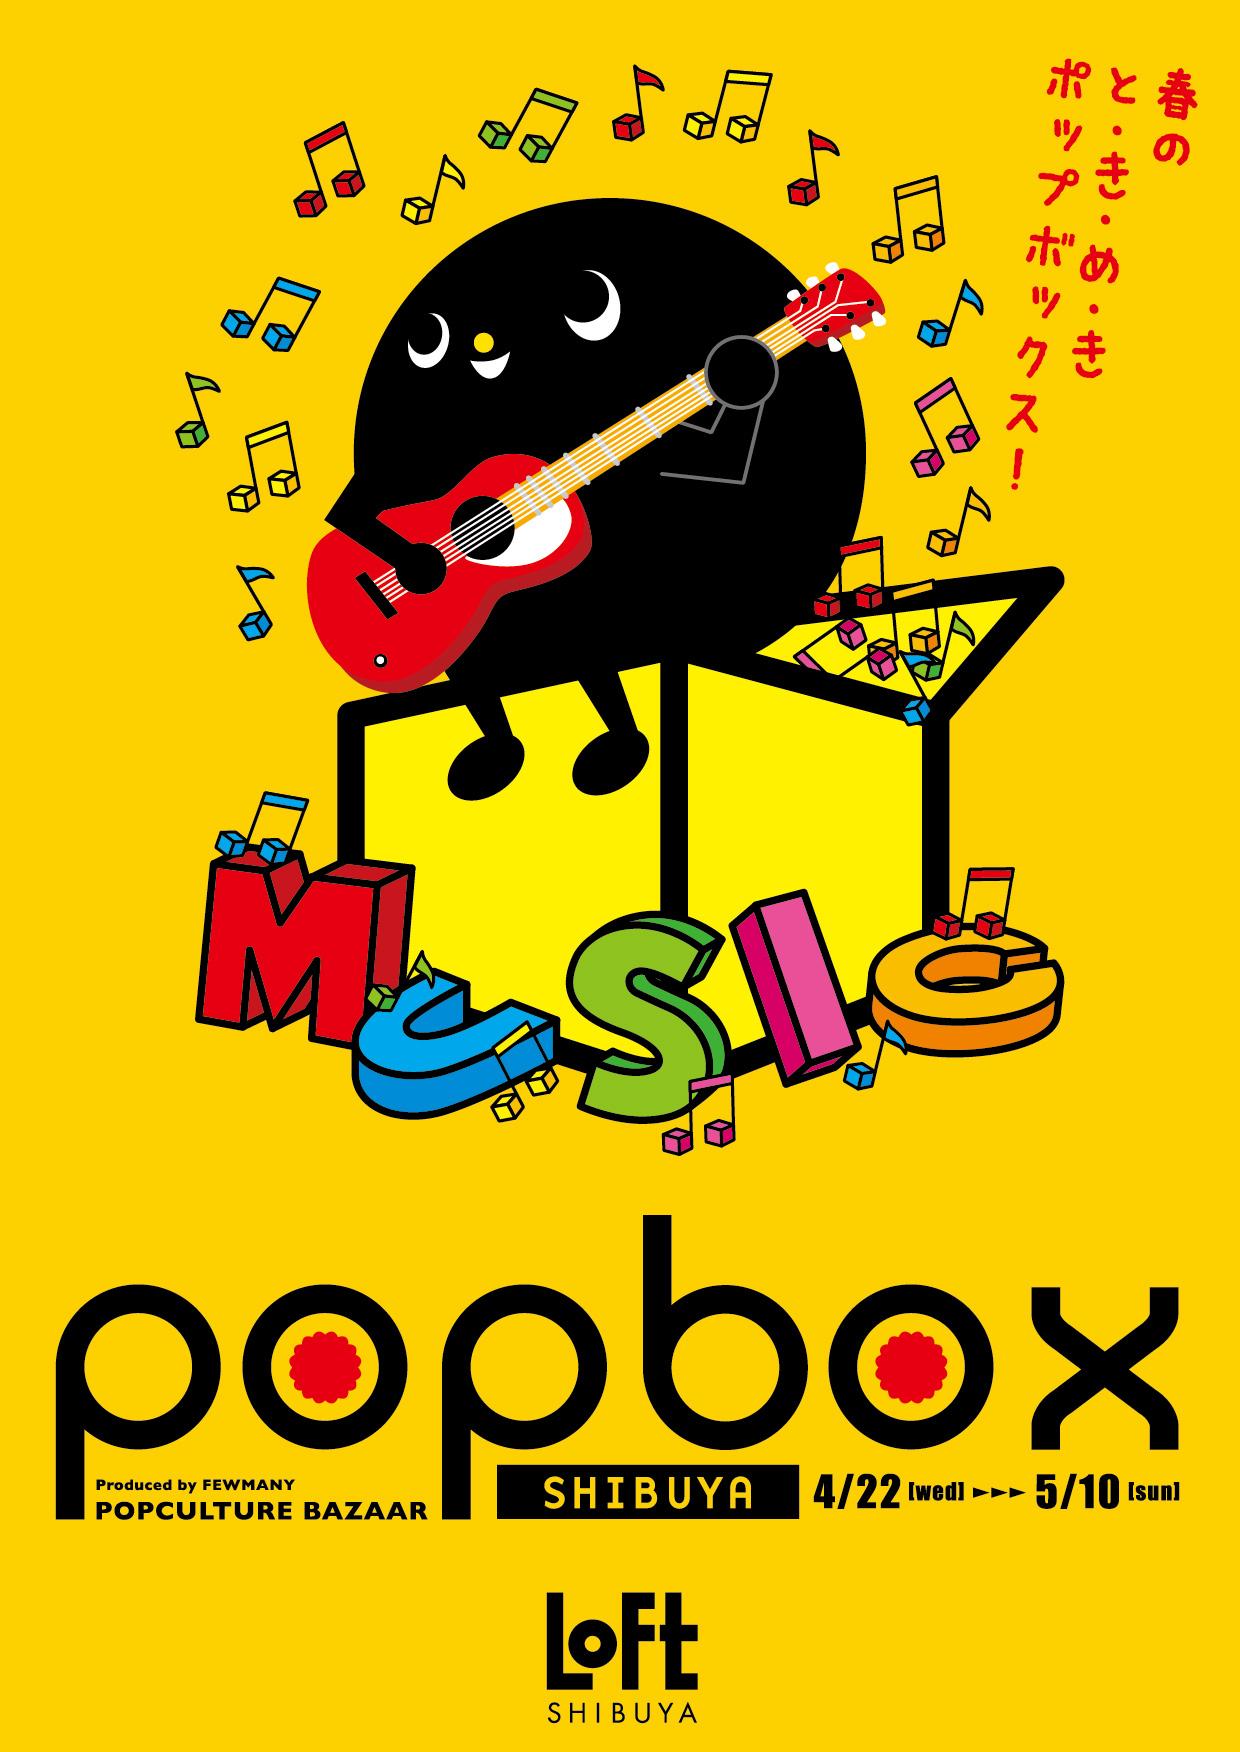 渋谷ロフトPOPBOX 0313さんサイン会開催のお知らせ_f0010033_14102645.jpg